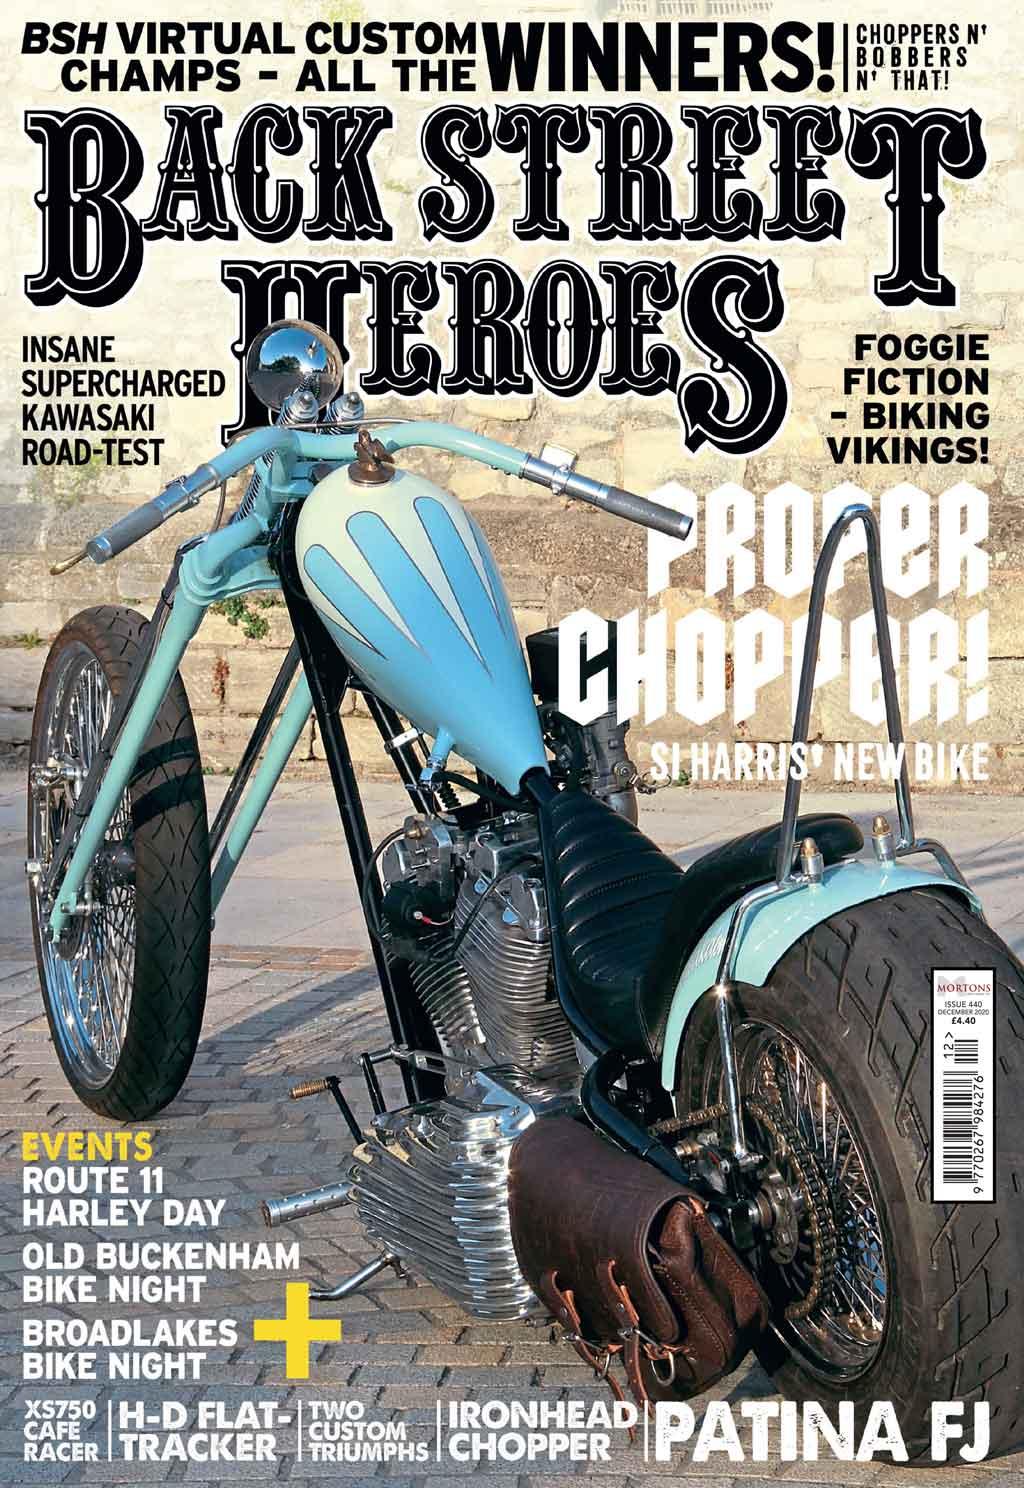 BSH December cover